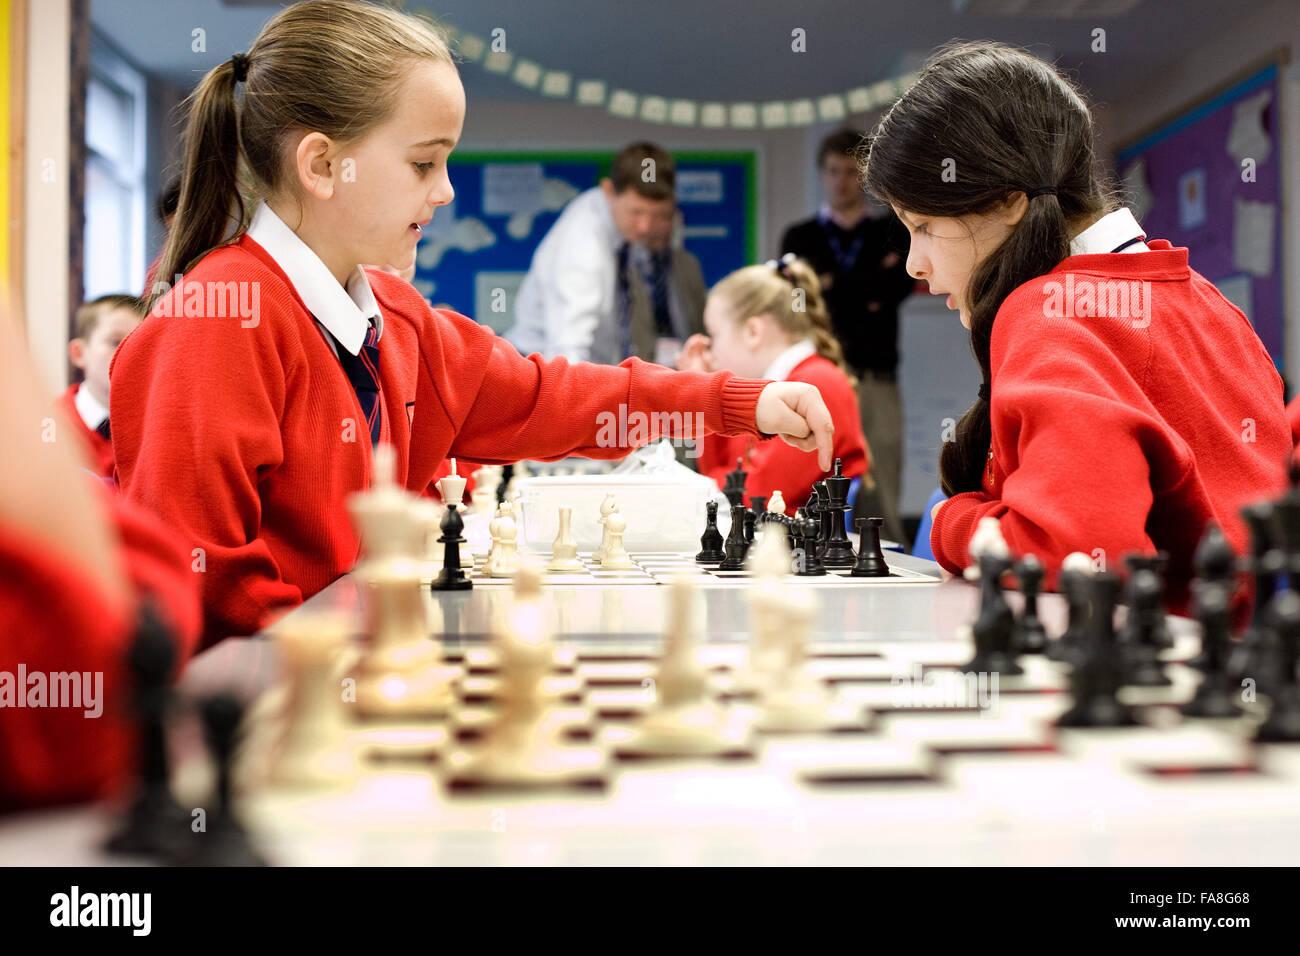 L'école primaire catholique sacré Cœur sur Hall Lane , Liverpool . L'année 5 et 6 élèves d'une leçon d'échecs . Banque D'Images